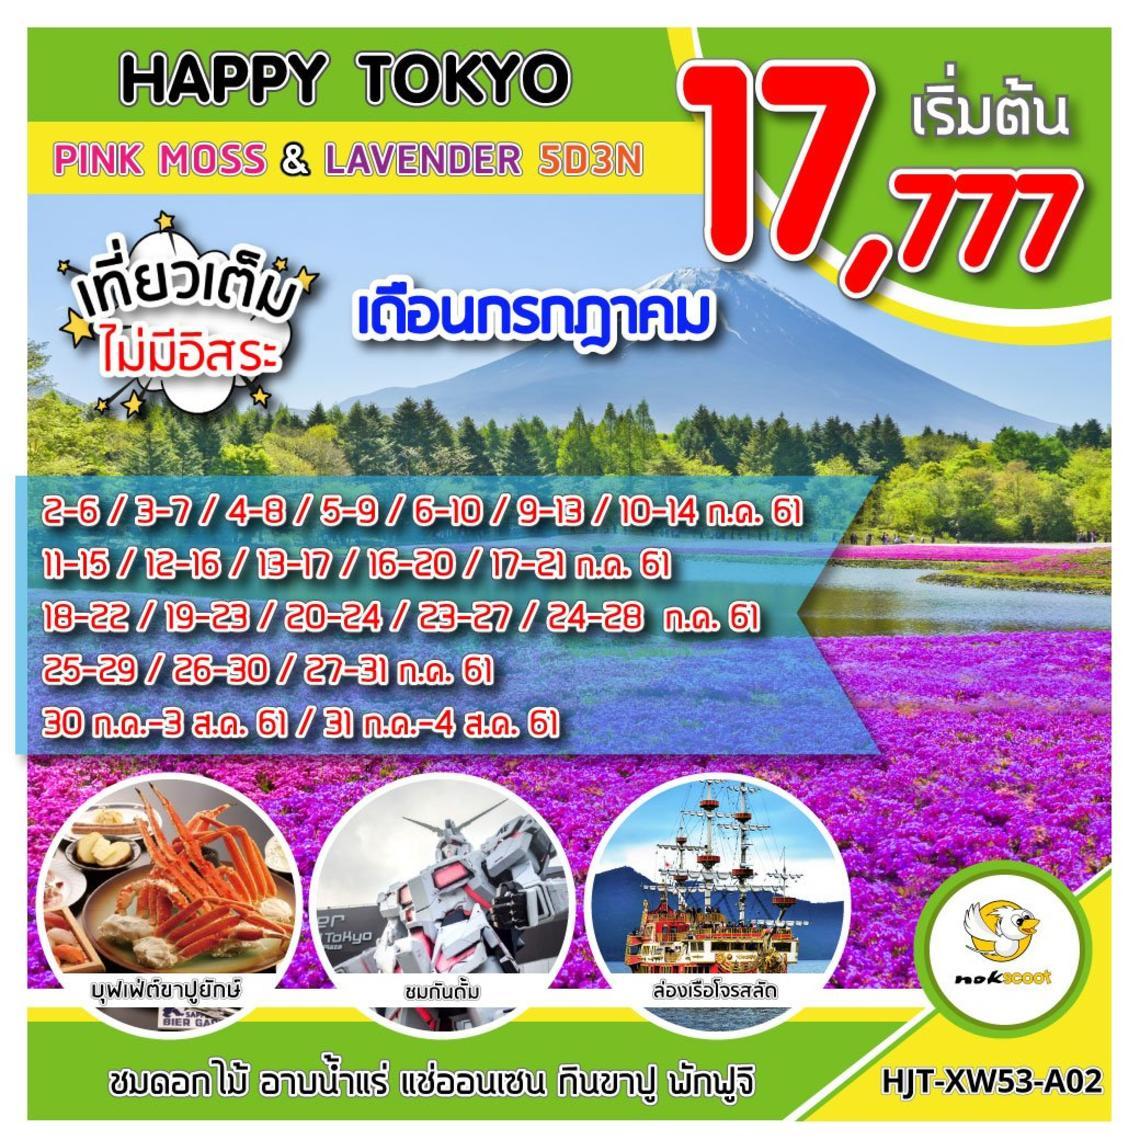 ทัวร์ญี่ปุ่น ทัวร์โตเกียว HJT-XW53-A02 HAPPY TOKYO PINKMOSS LAVEDER UPDATE 4/04/61